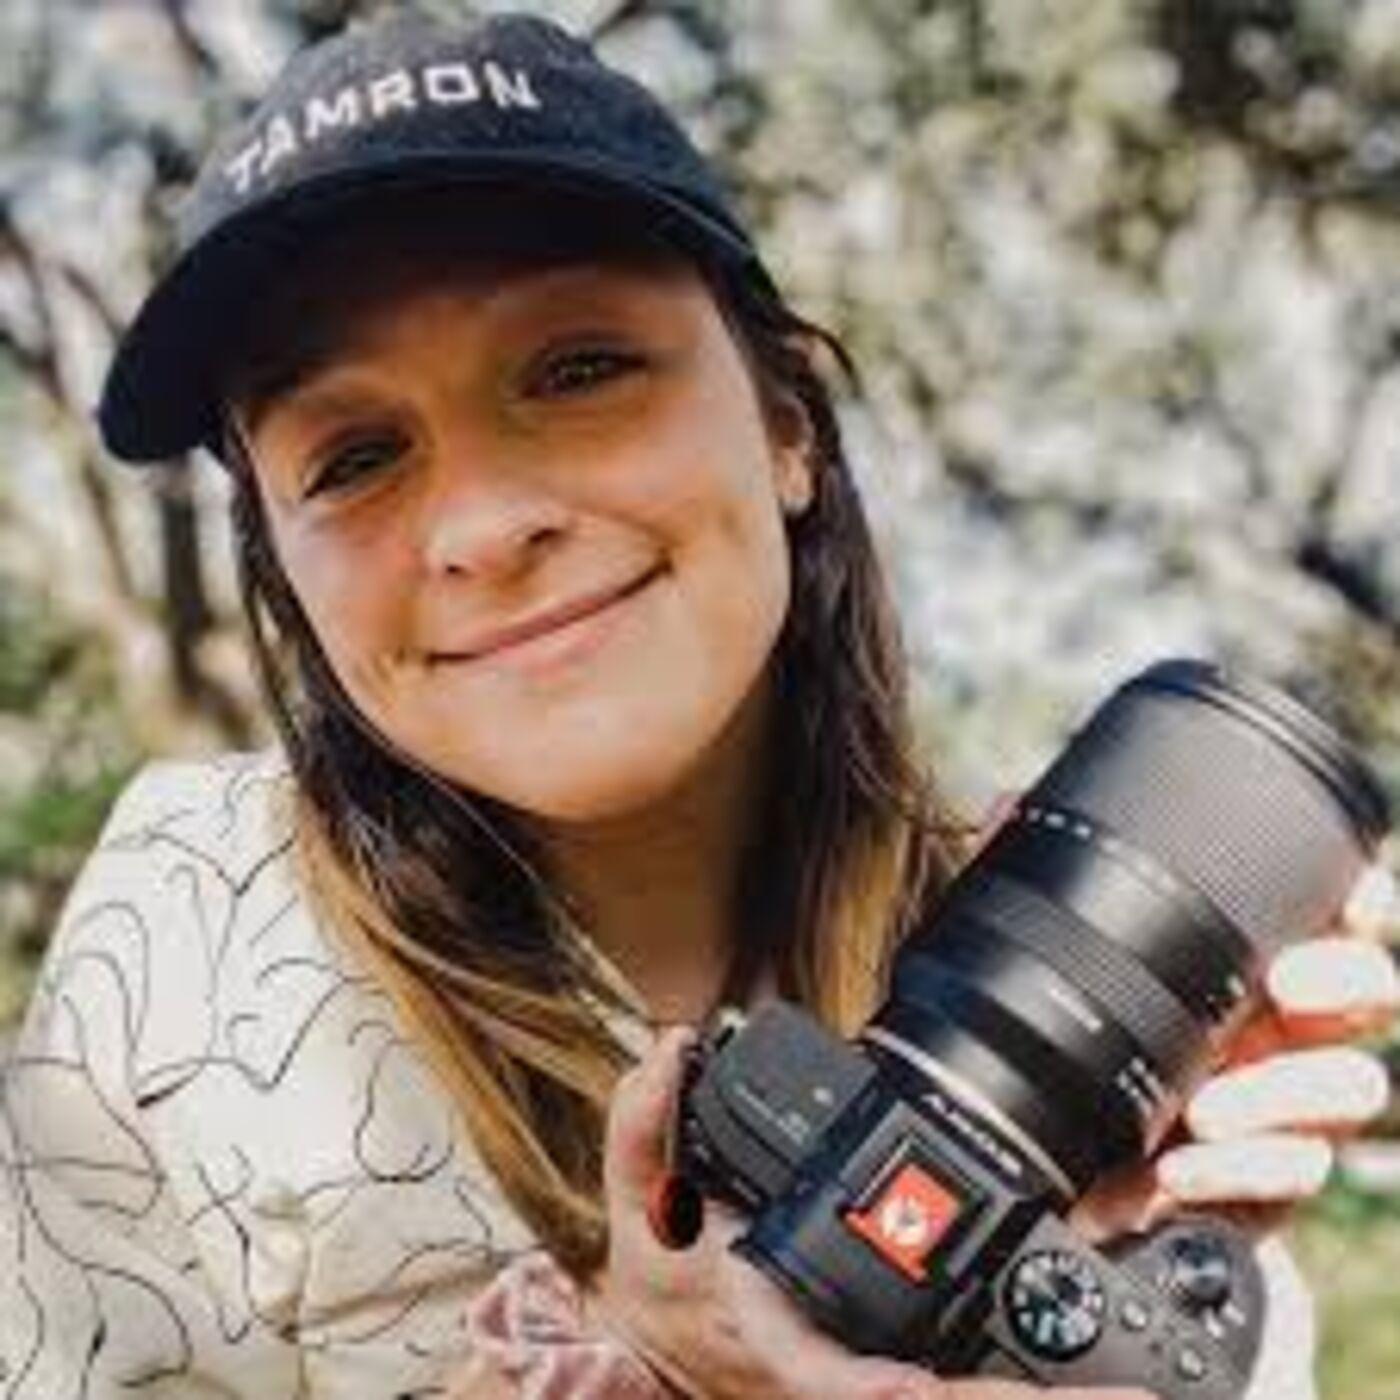 Sara With Tamron - PhotoCon 2020